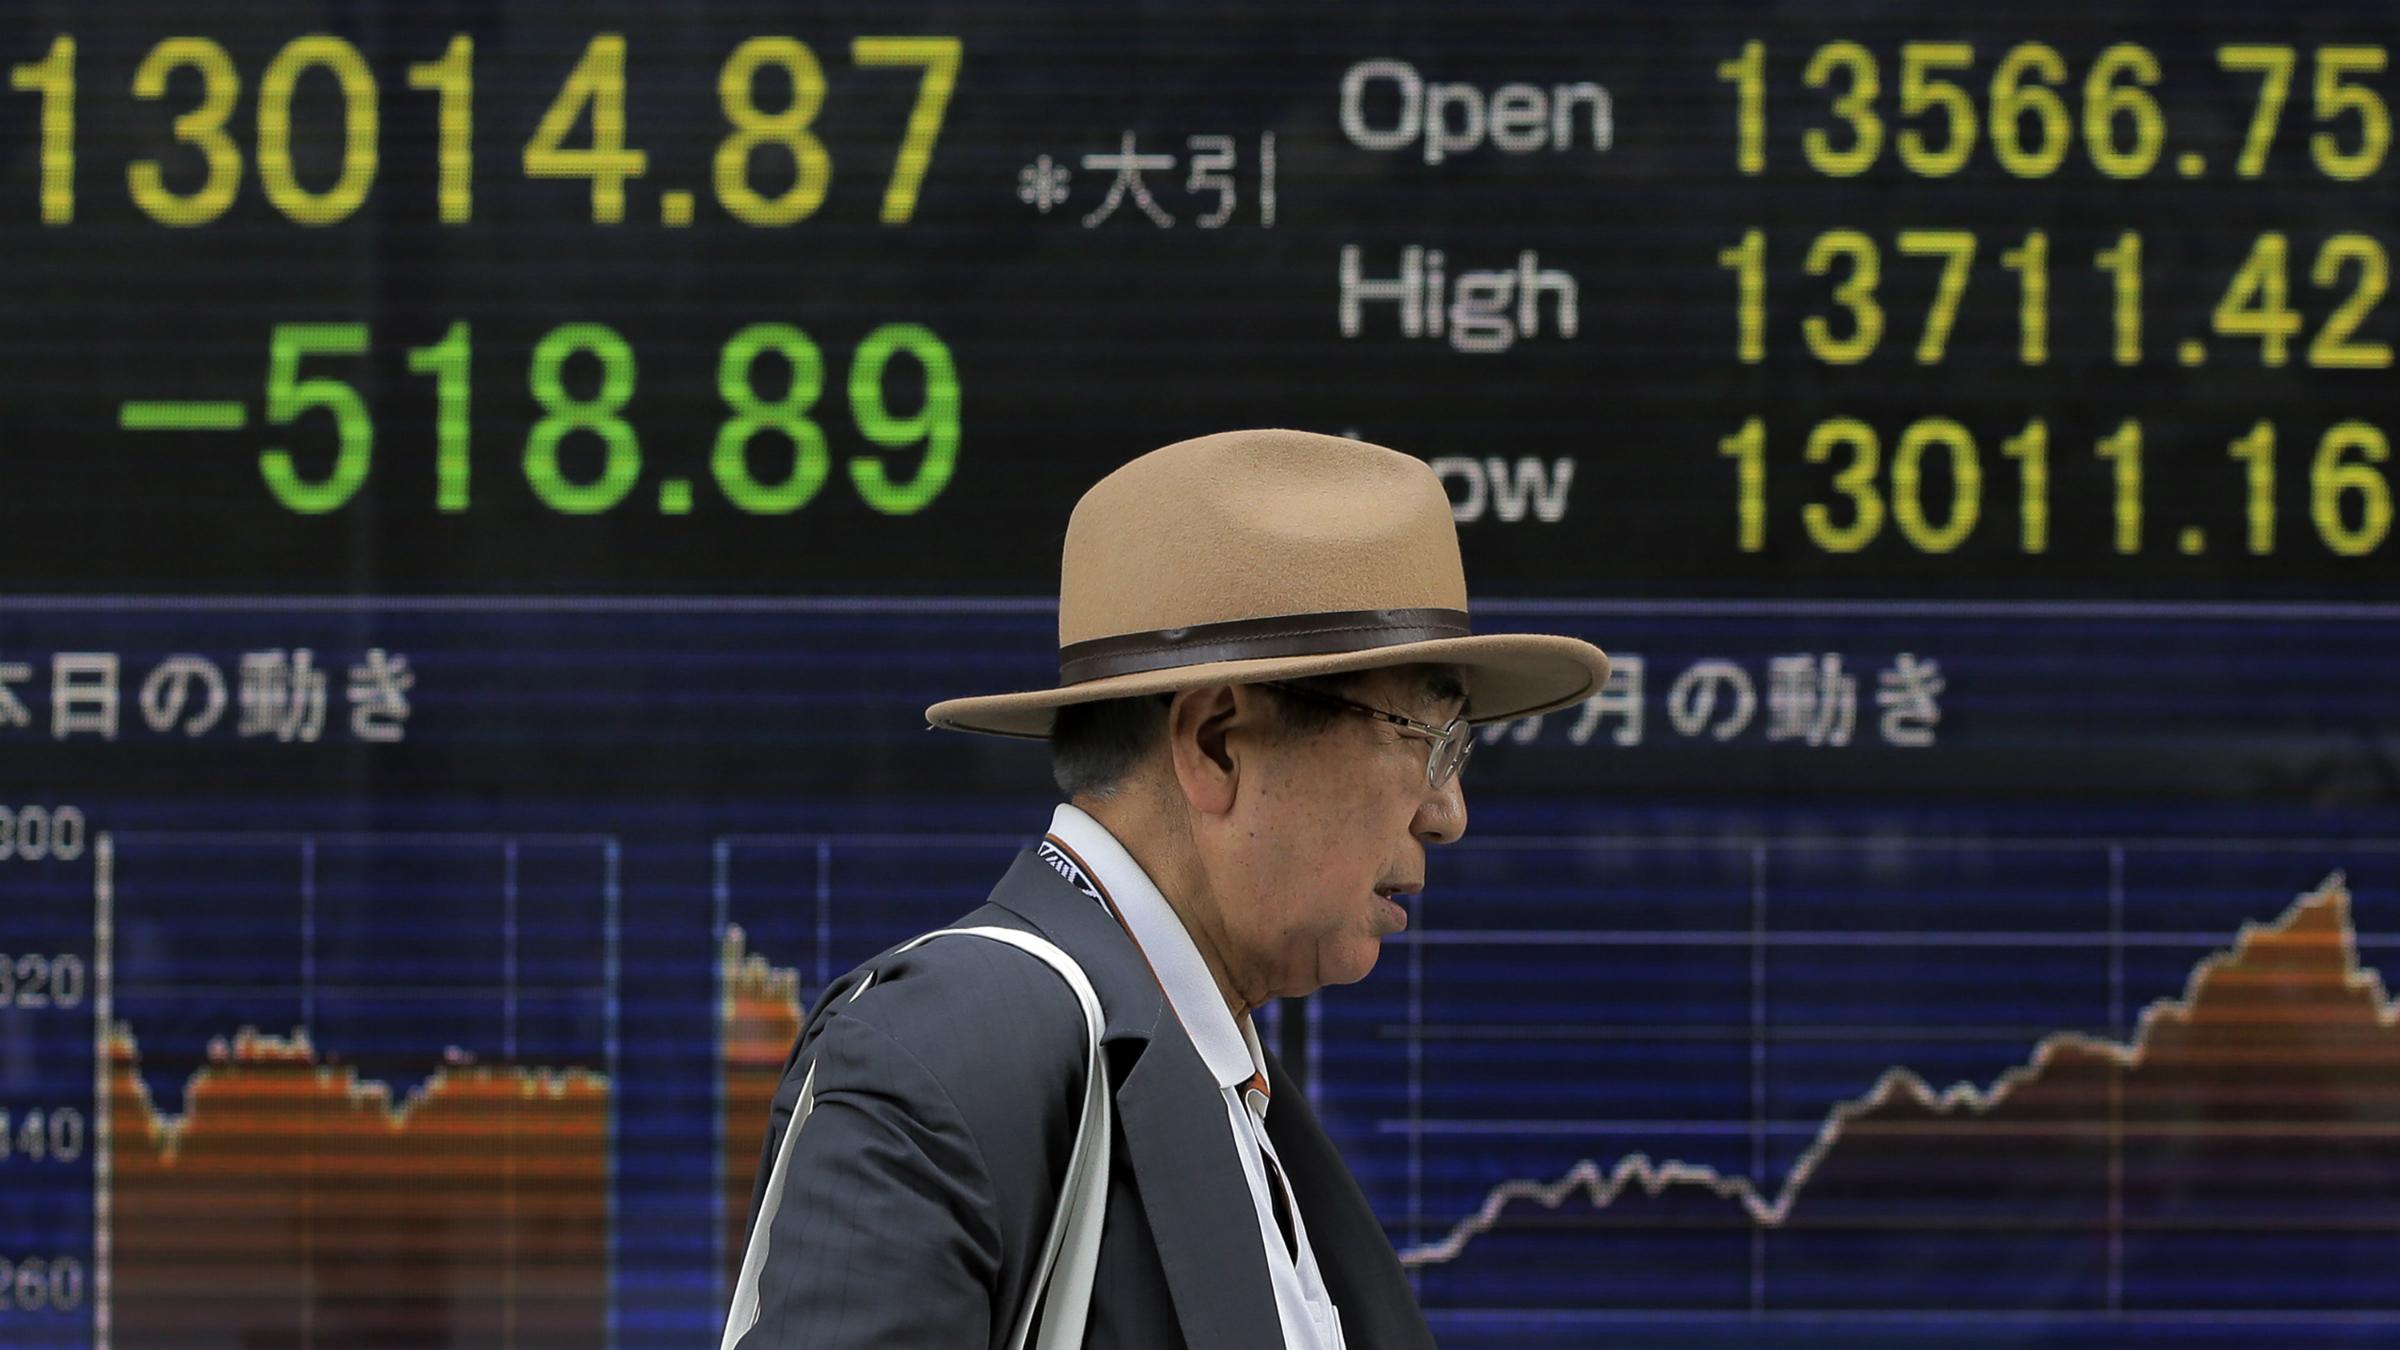 StocksBoard